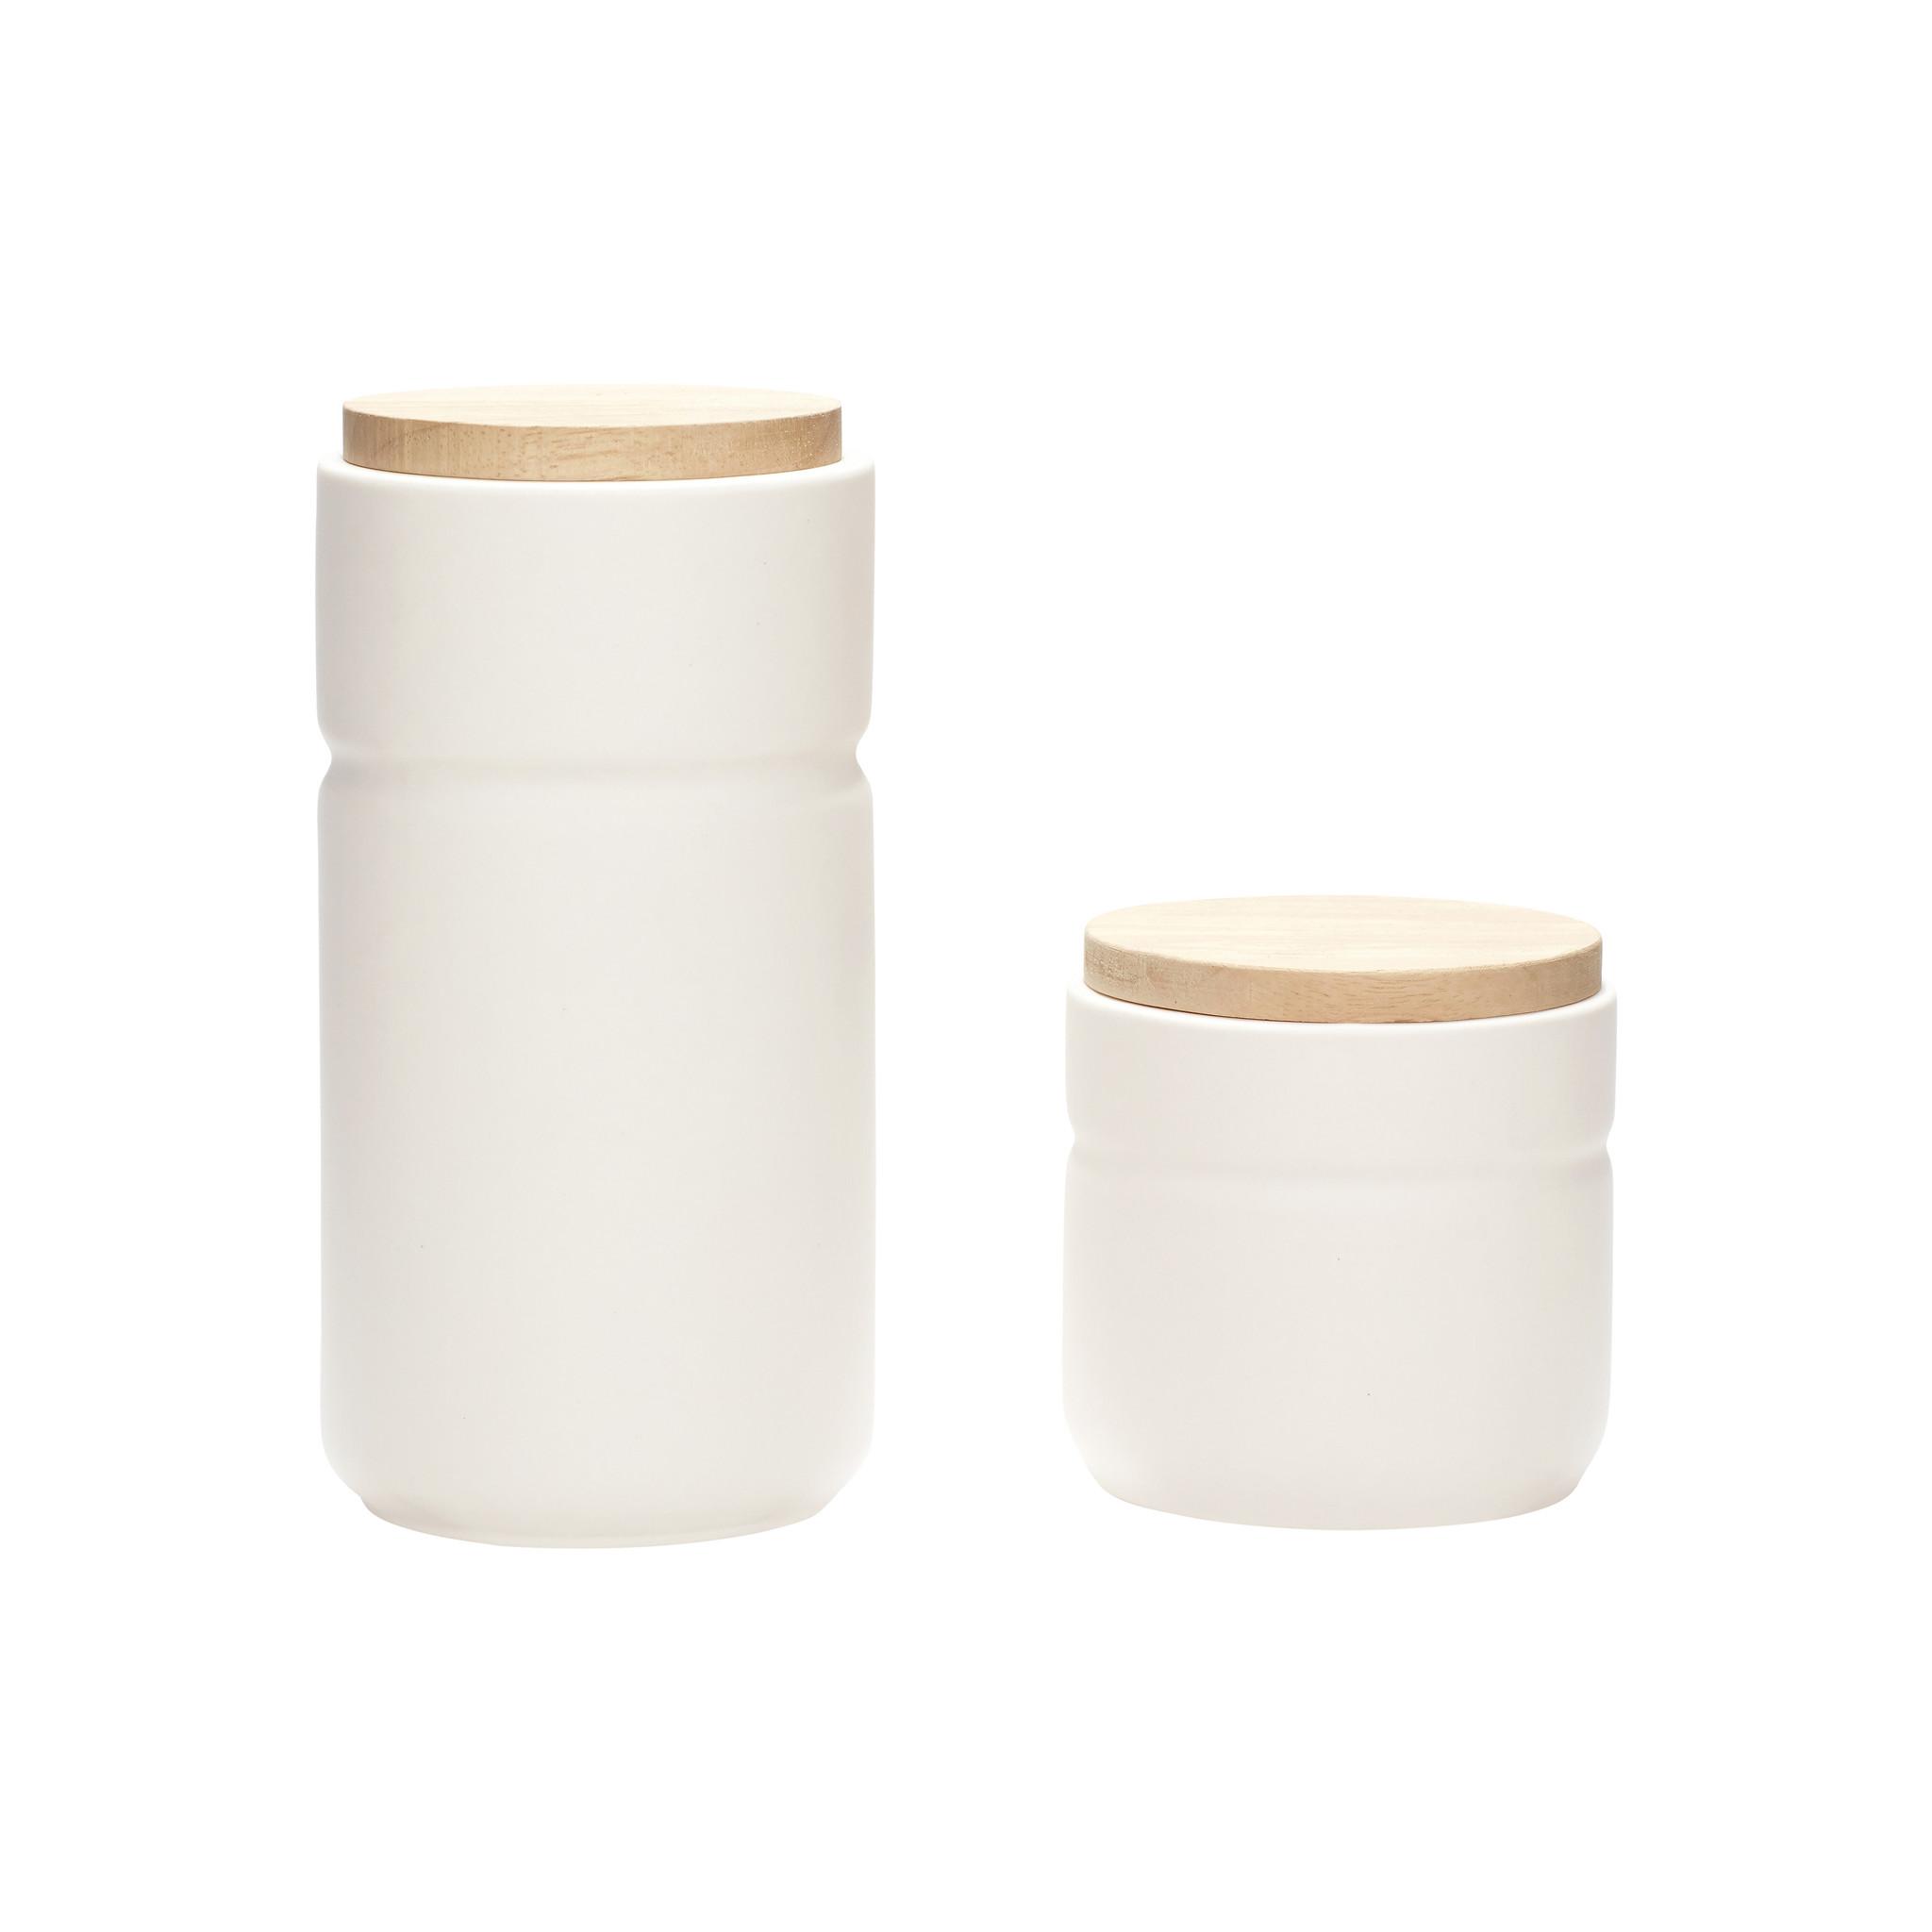 Hubsch Pot met deksel, keramiek, wit / natuur, set van 2-640403-5712772057353